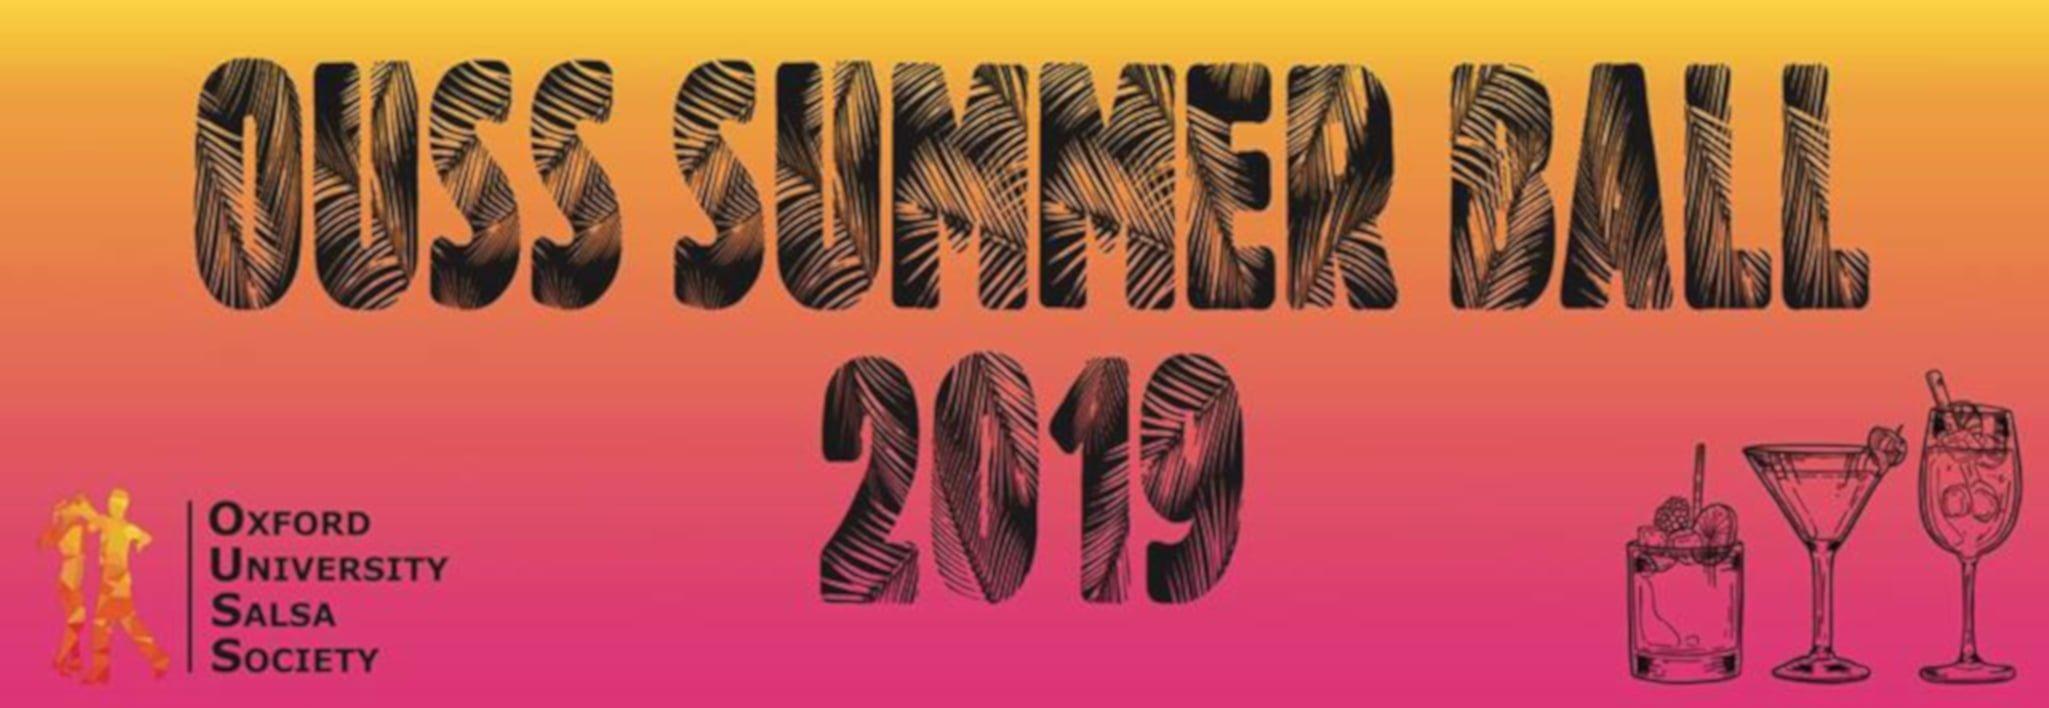 Summer Salsa Ball 2019